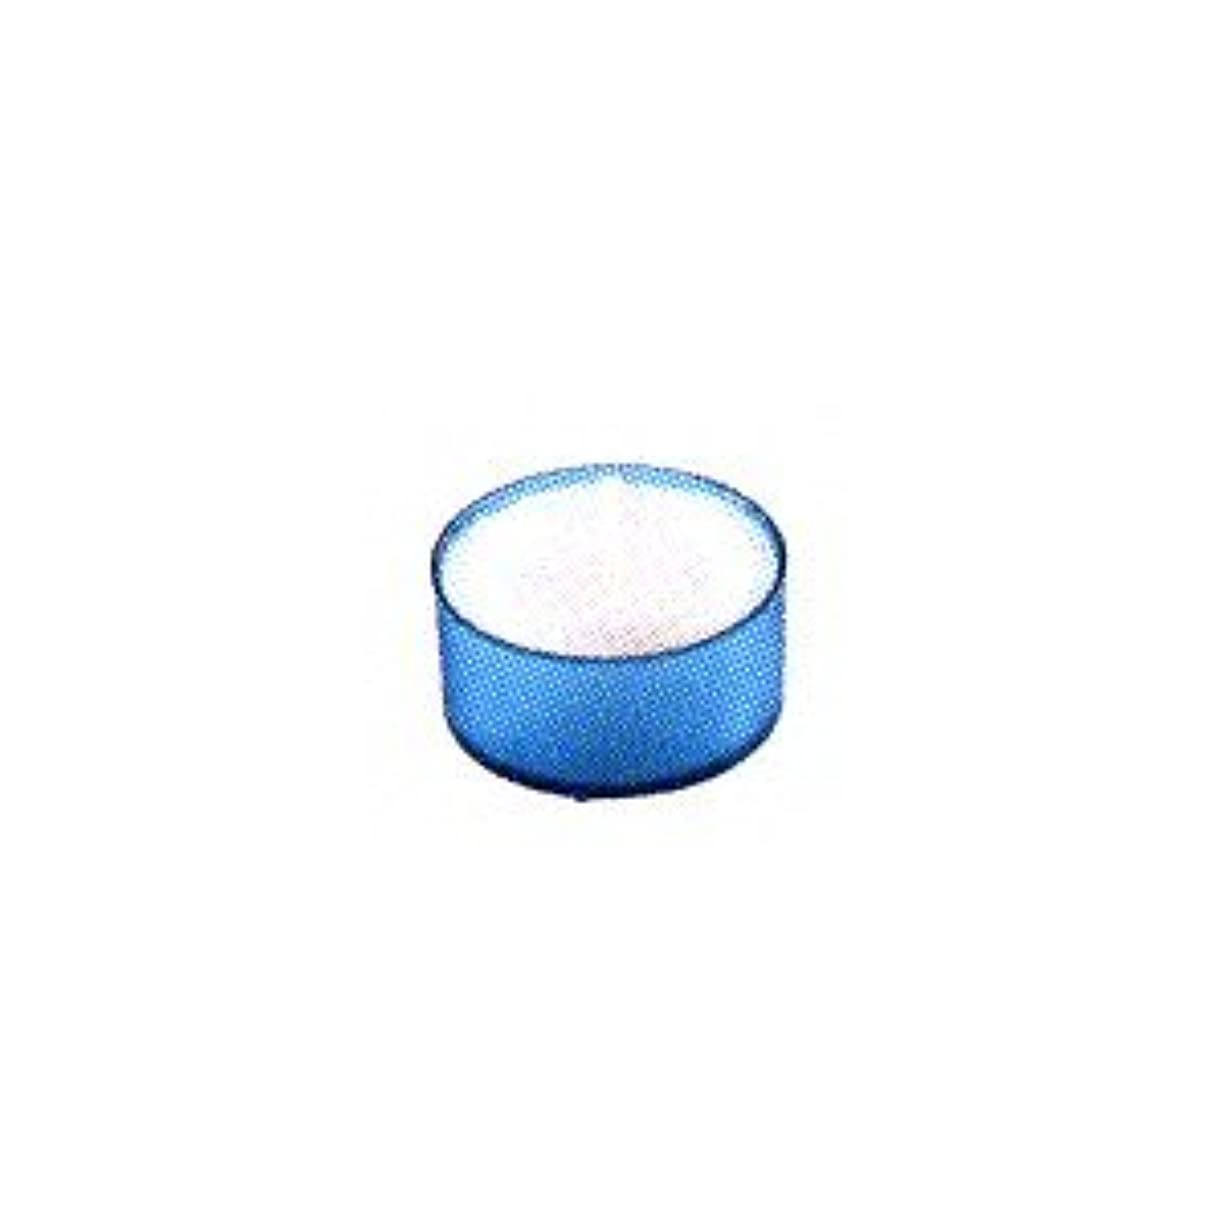 操作識別ようこそカメヤマキャンドル カラークリアカップ ティーライト ブルー 24個入